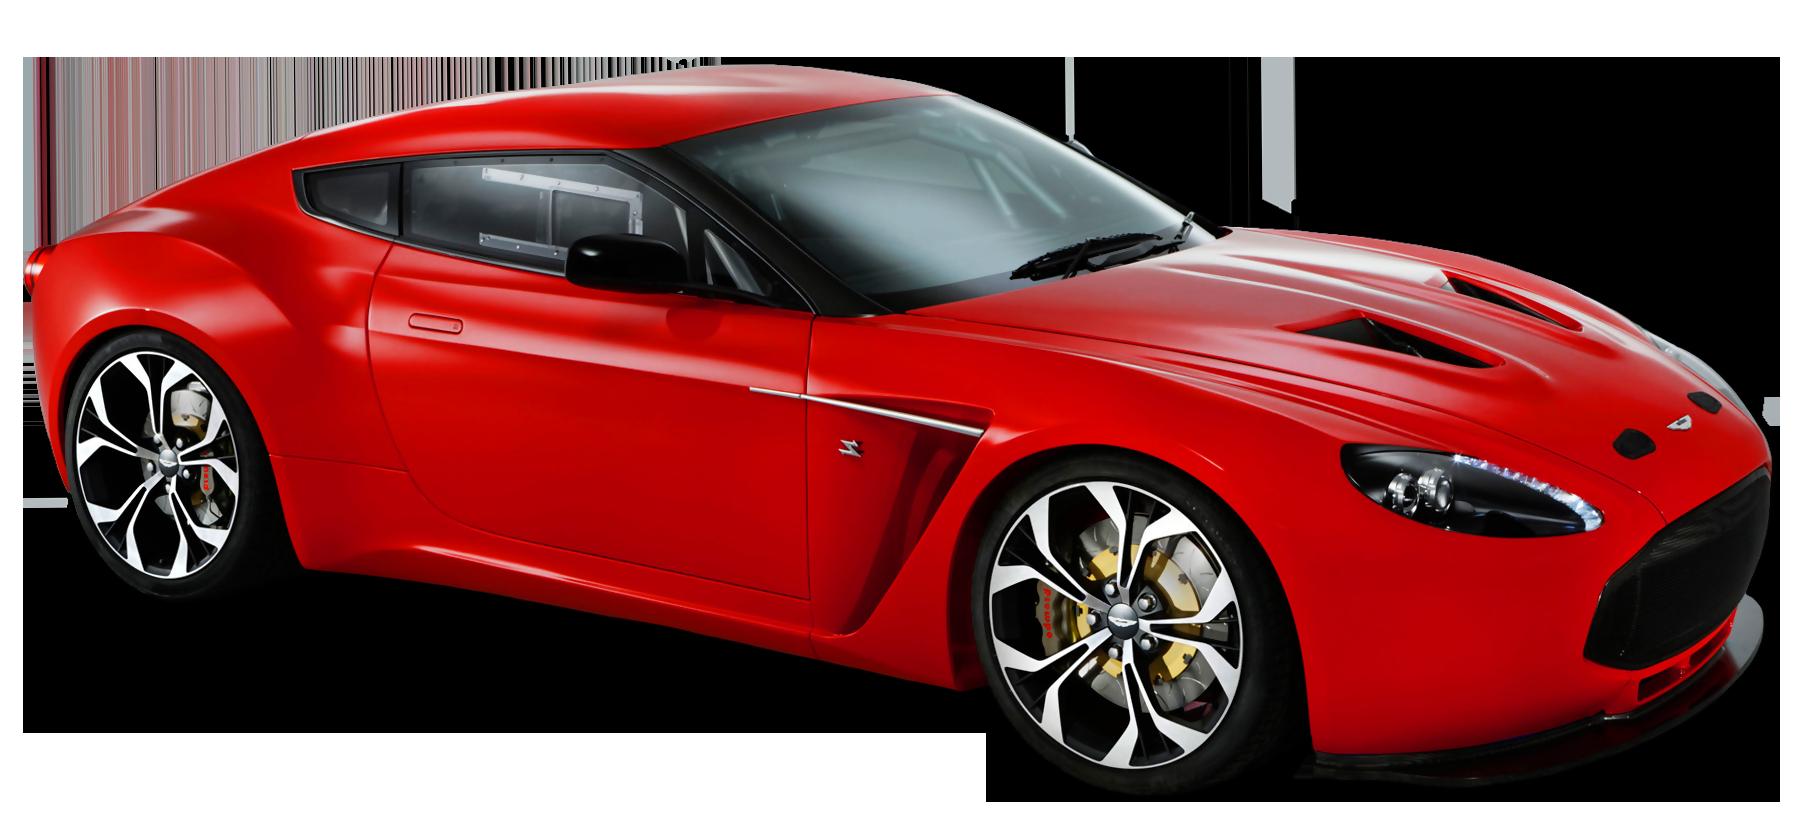 Rüyada Kırmızı Araba Satın Almak